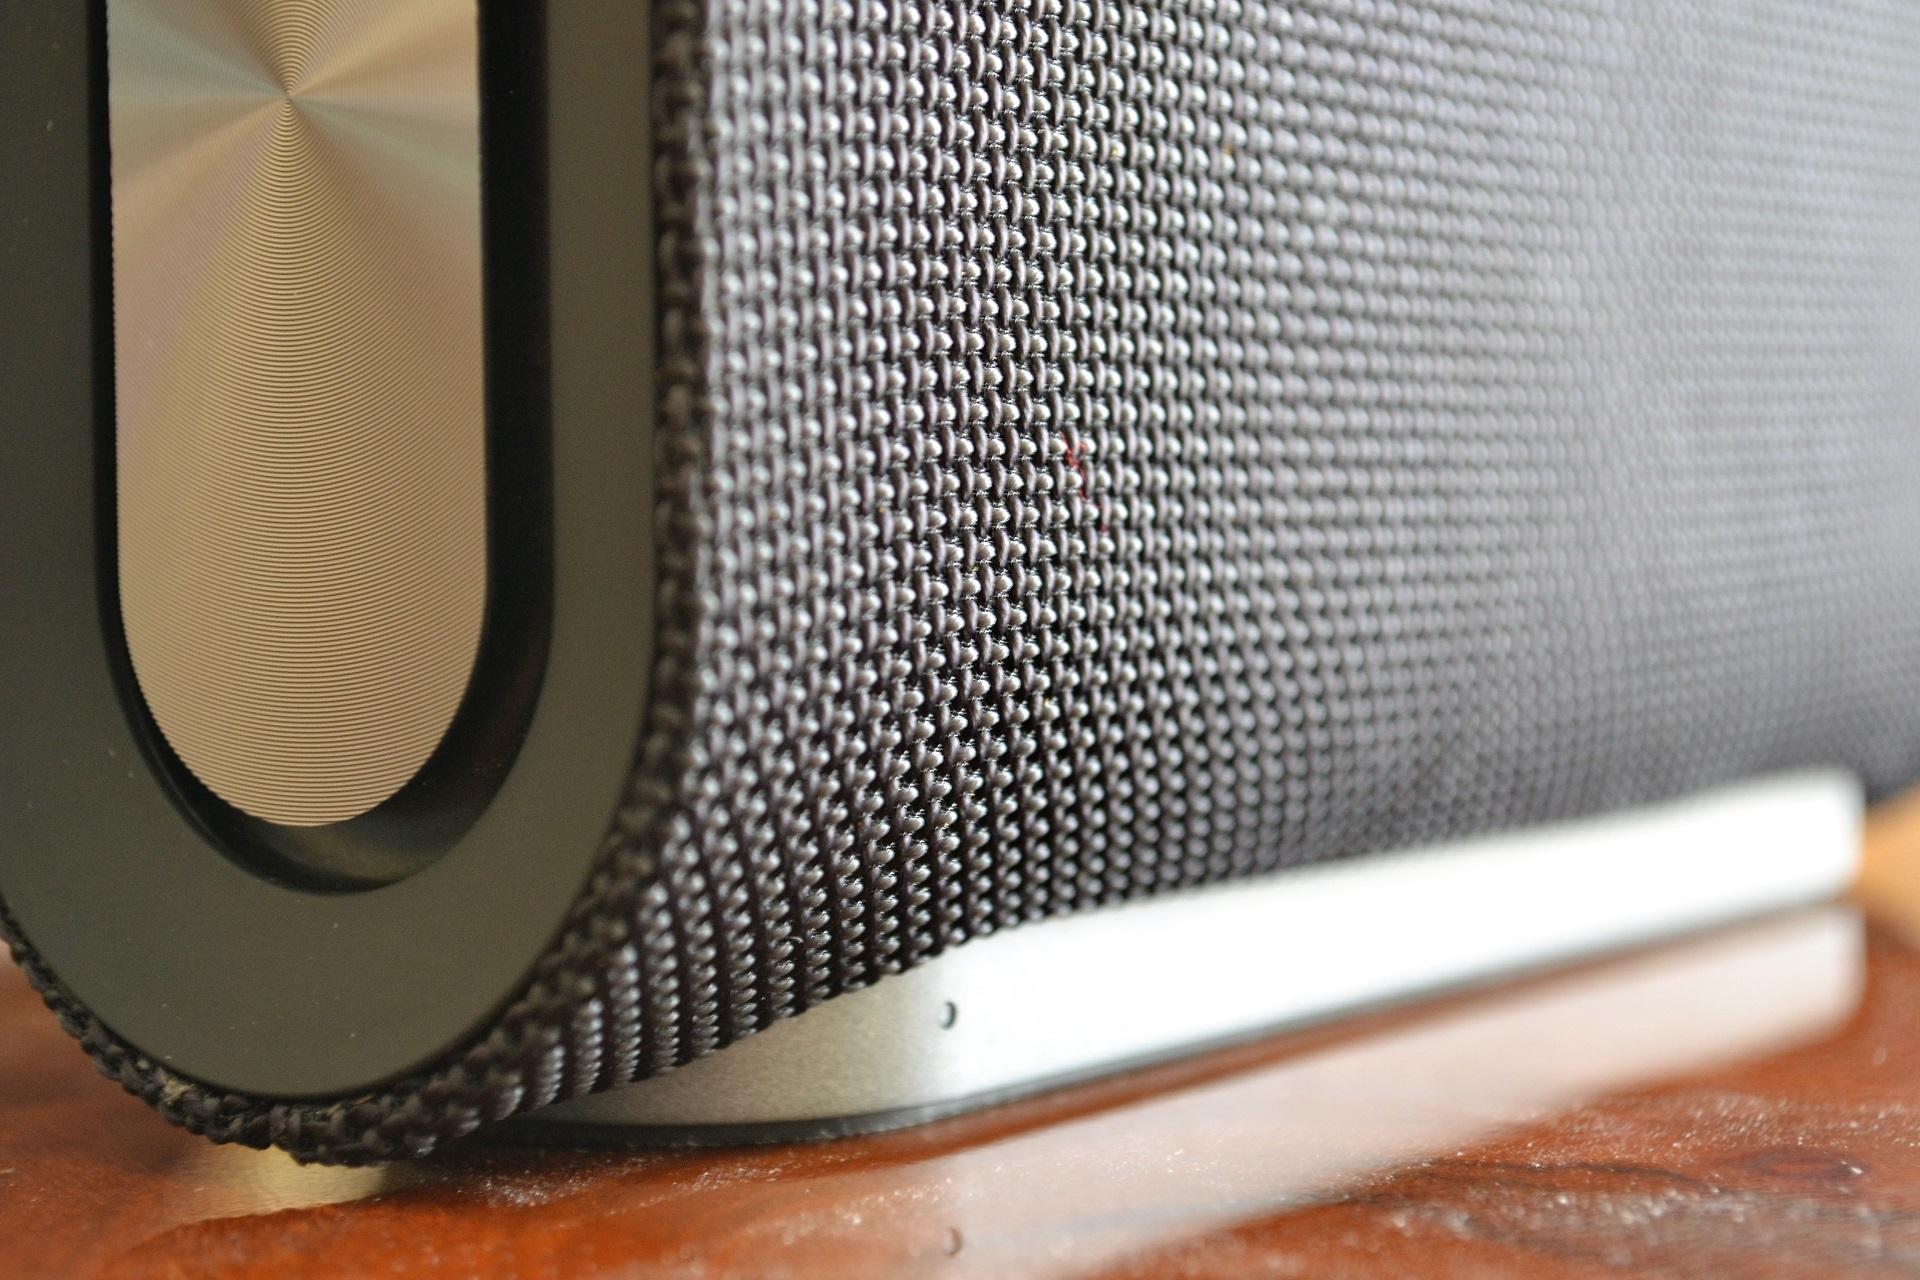 Aukey Eclipse speaker altoparlante cassa bluetooth subwoofer